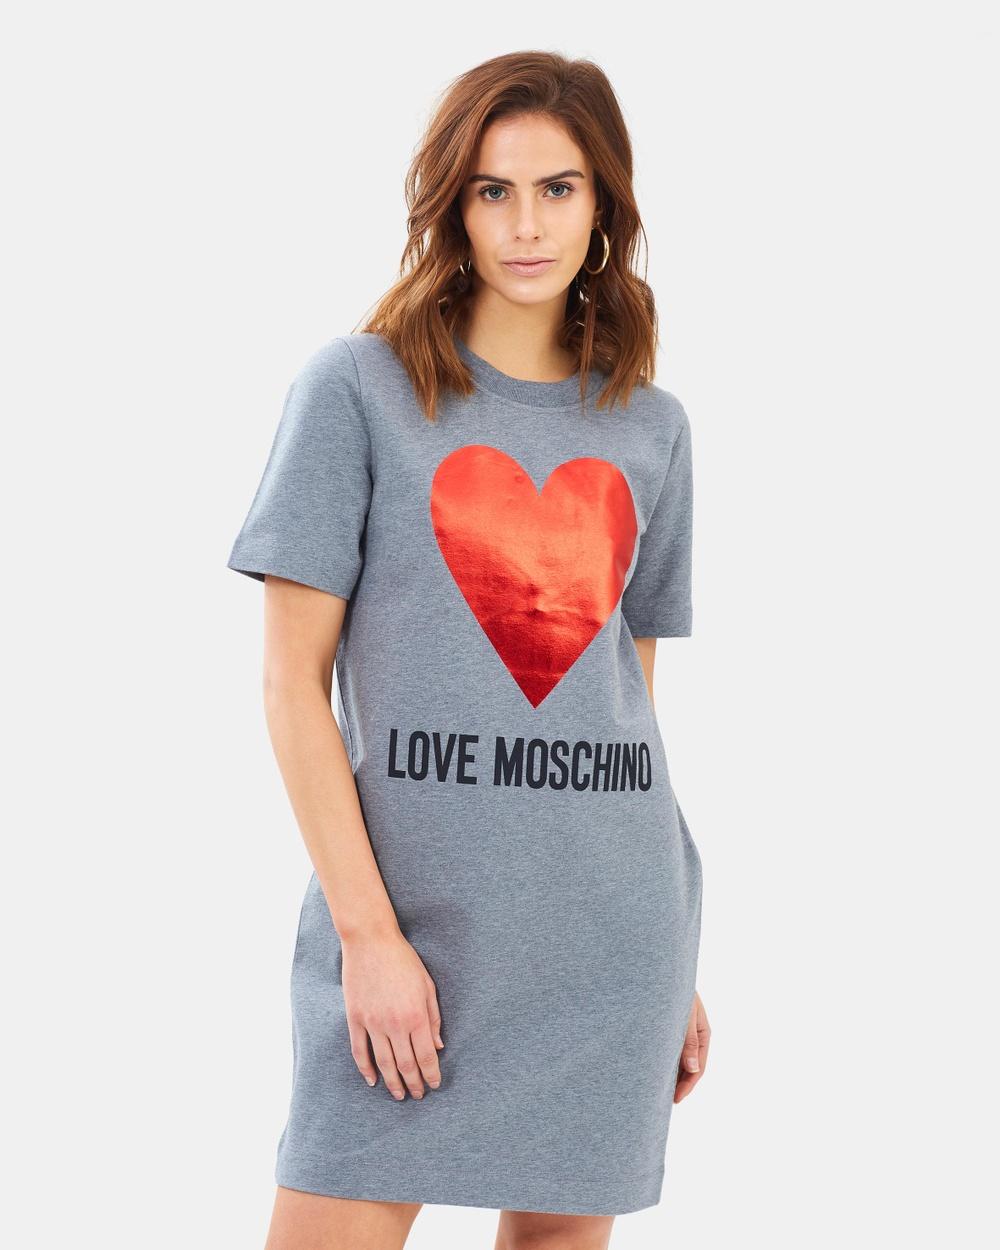 LOVE MOSCHINO Dark Grey Melange Metallic Heart Tee Dress